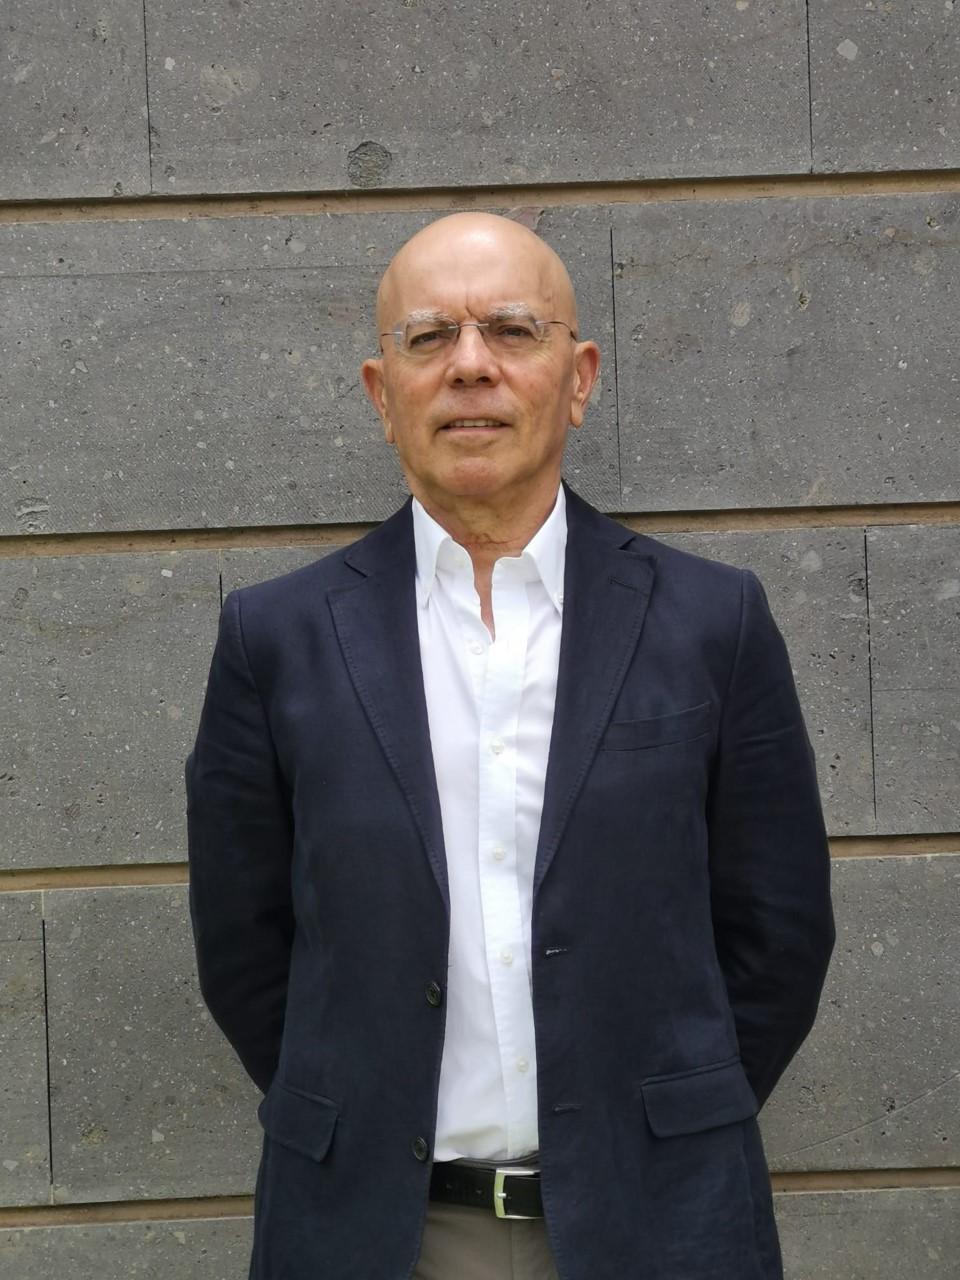 Ginés de Rus, catedrático de Economía aplicada en la Universidad de las Palmas